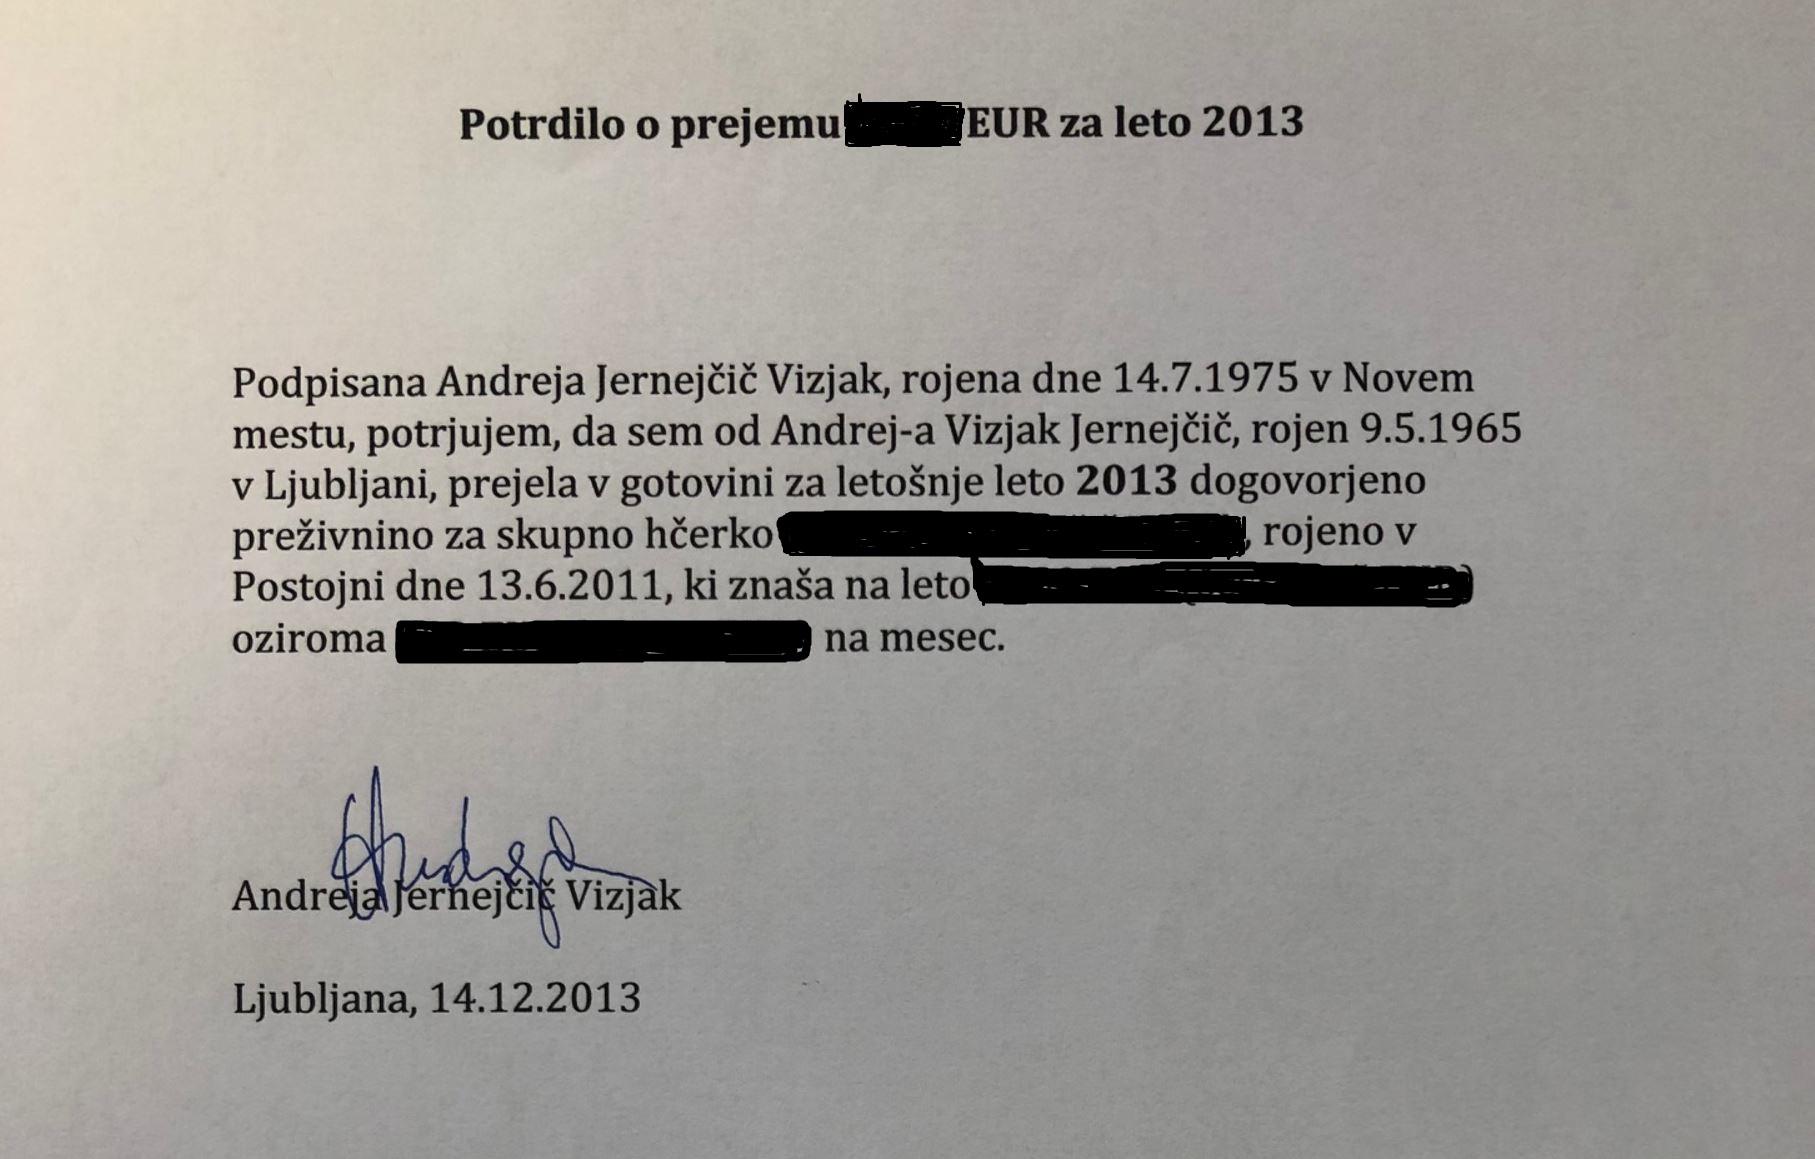 Potrdilo o prejemu preživnine - Andreja Jernejčič